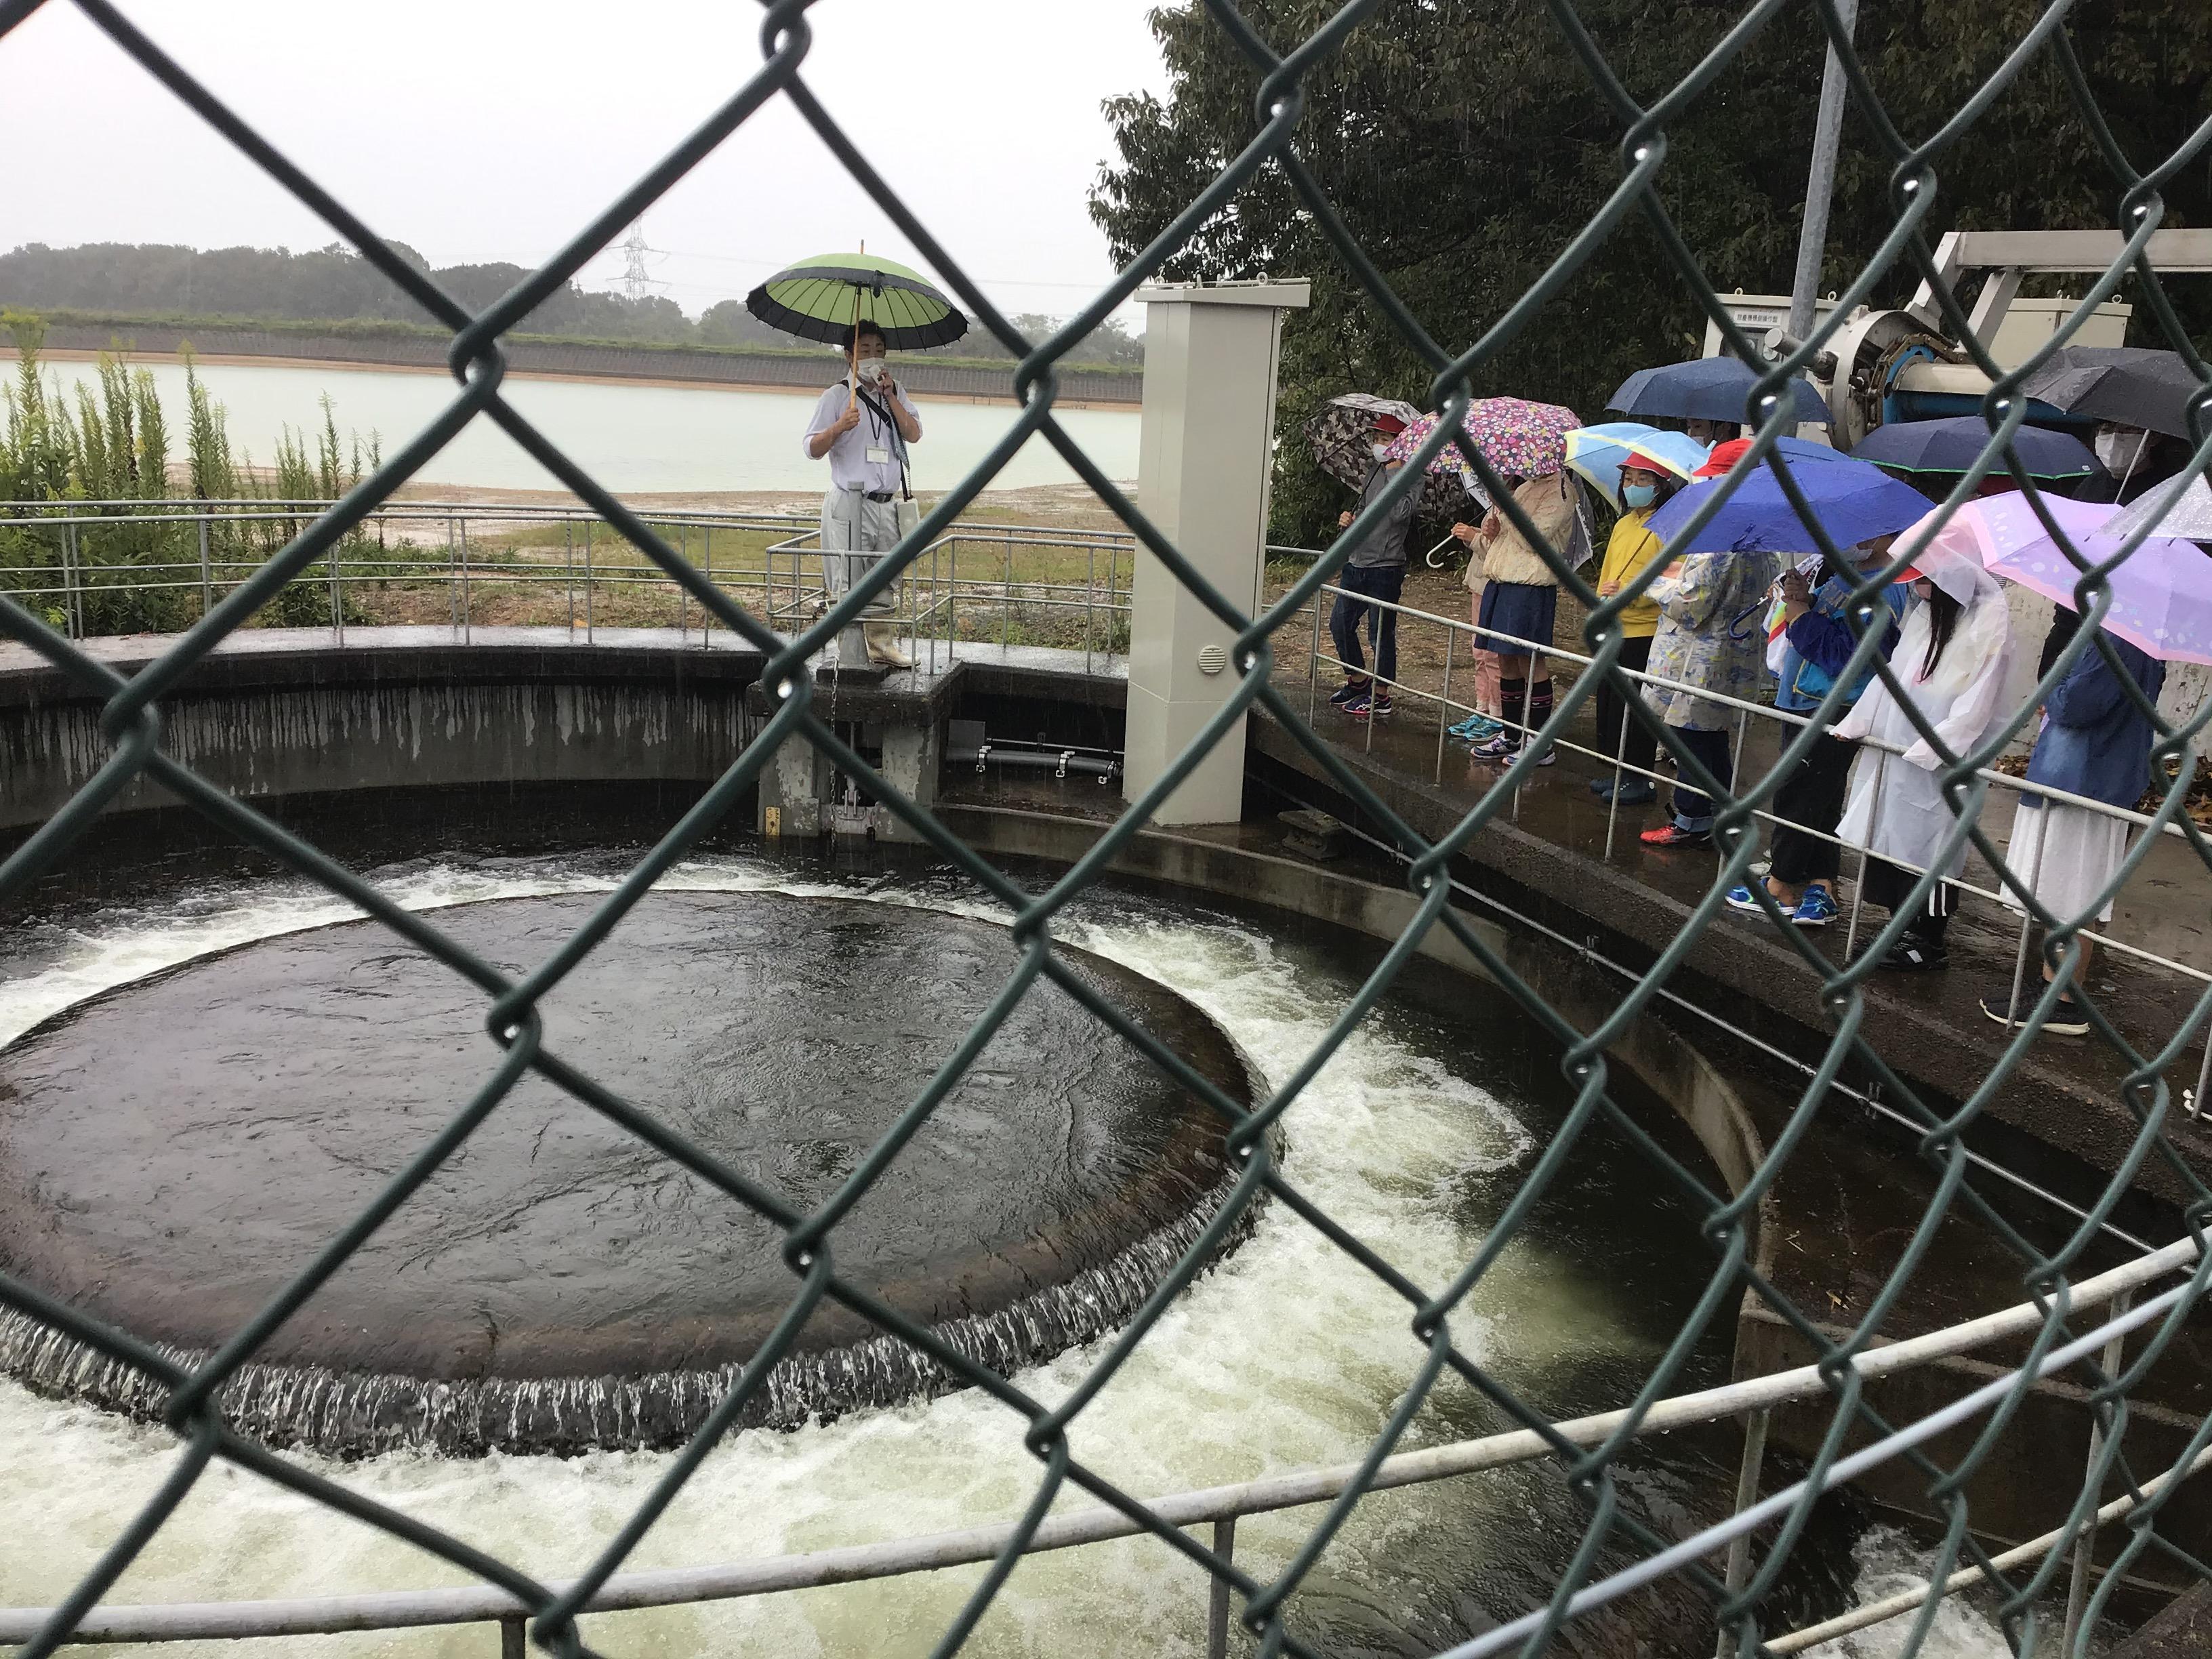 雨が降ったこともあり老ノ口分水所では湧き出す様に水が出て神出町や岩岡町まで送水することやゴミを揚げる除塵機も作動してくれました。